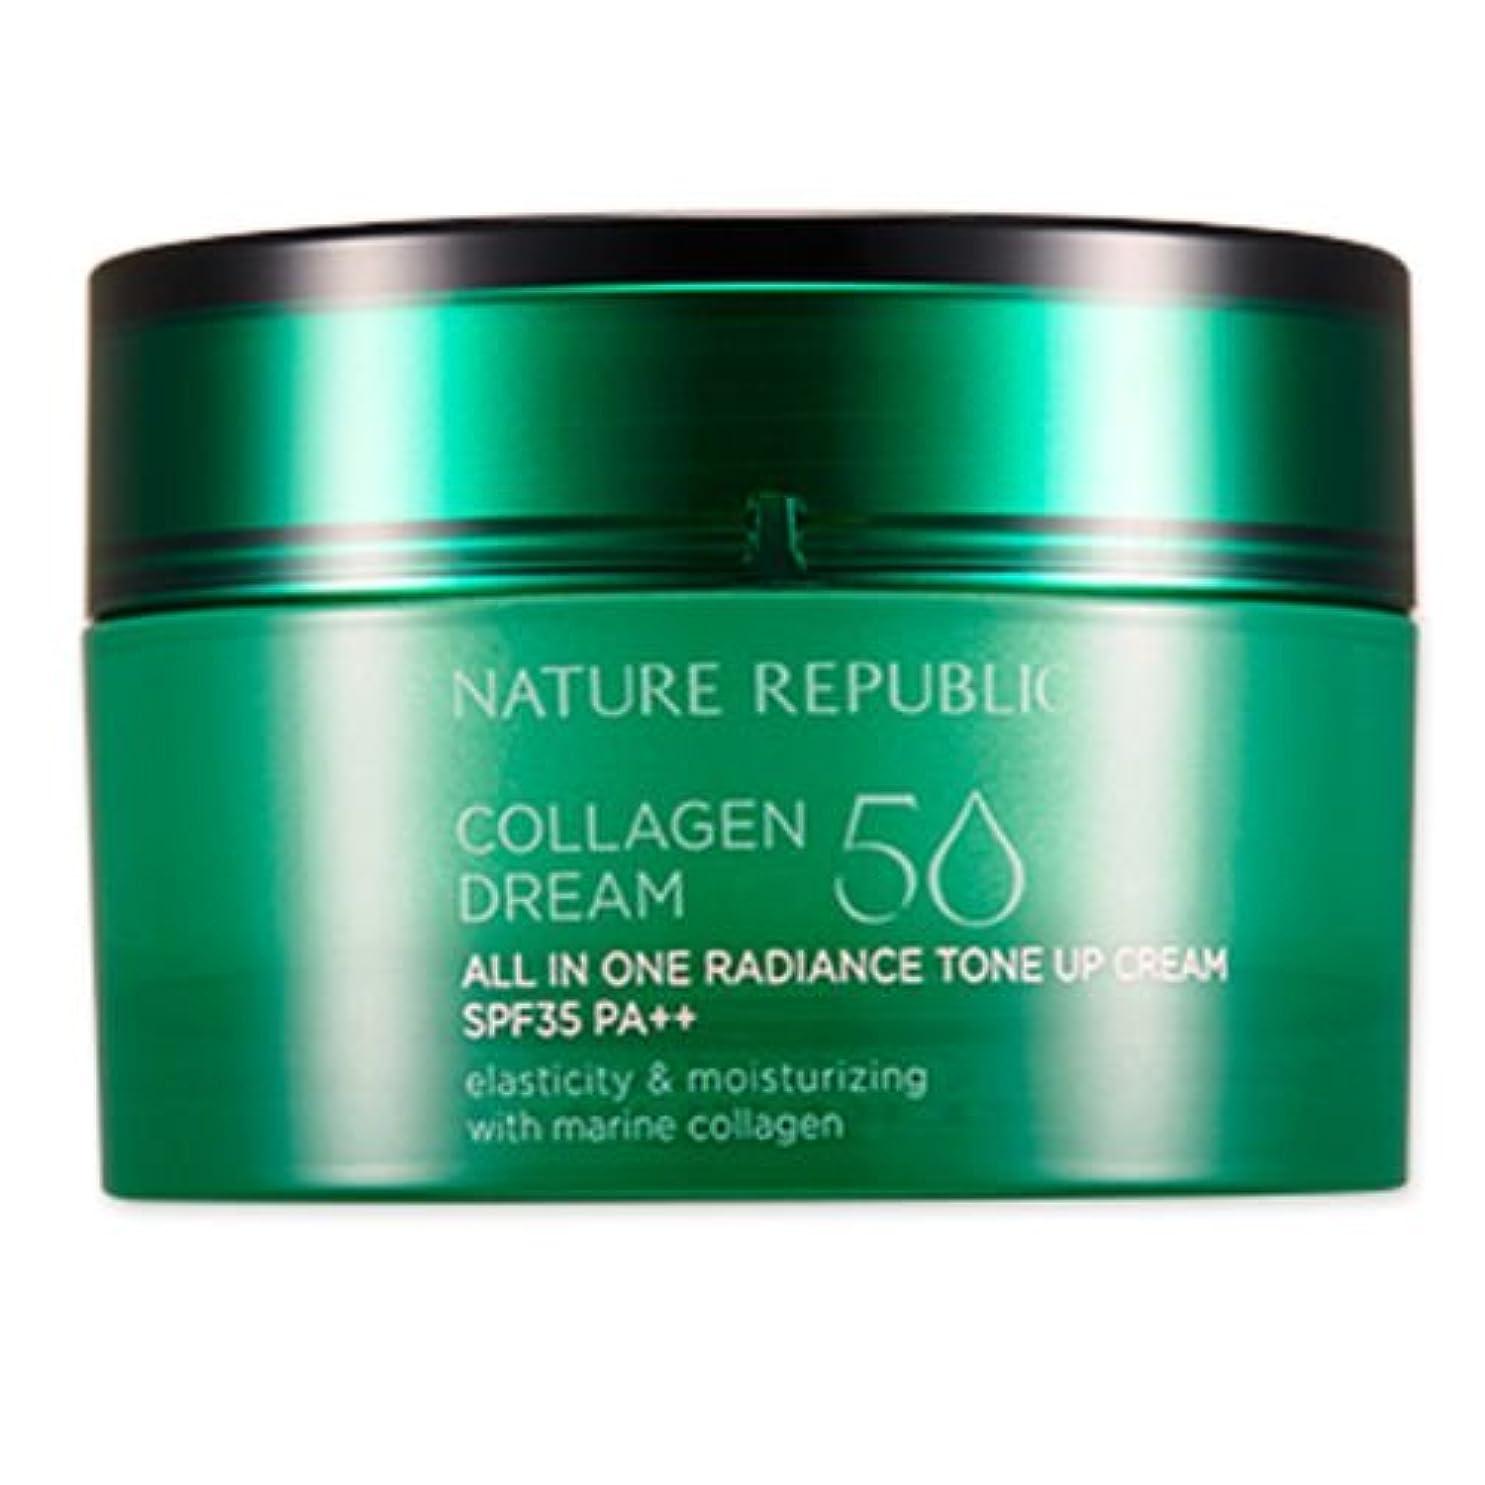 ポーク前兆勉強するNATURE REPUBLIC Collagen Dream 50 All-In-One Radiance Tone Up Cream(SPF35PA++) ネイチャーリパブリック [韓国コスメ ] コラーゲンドリーム50...